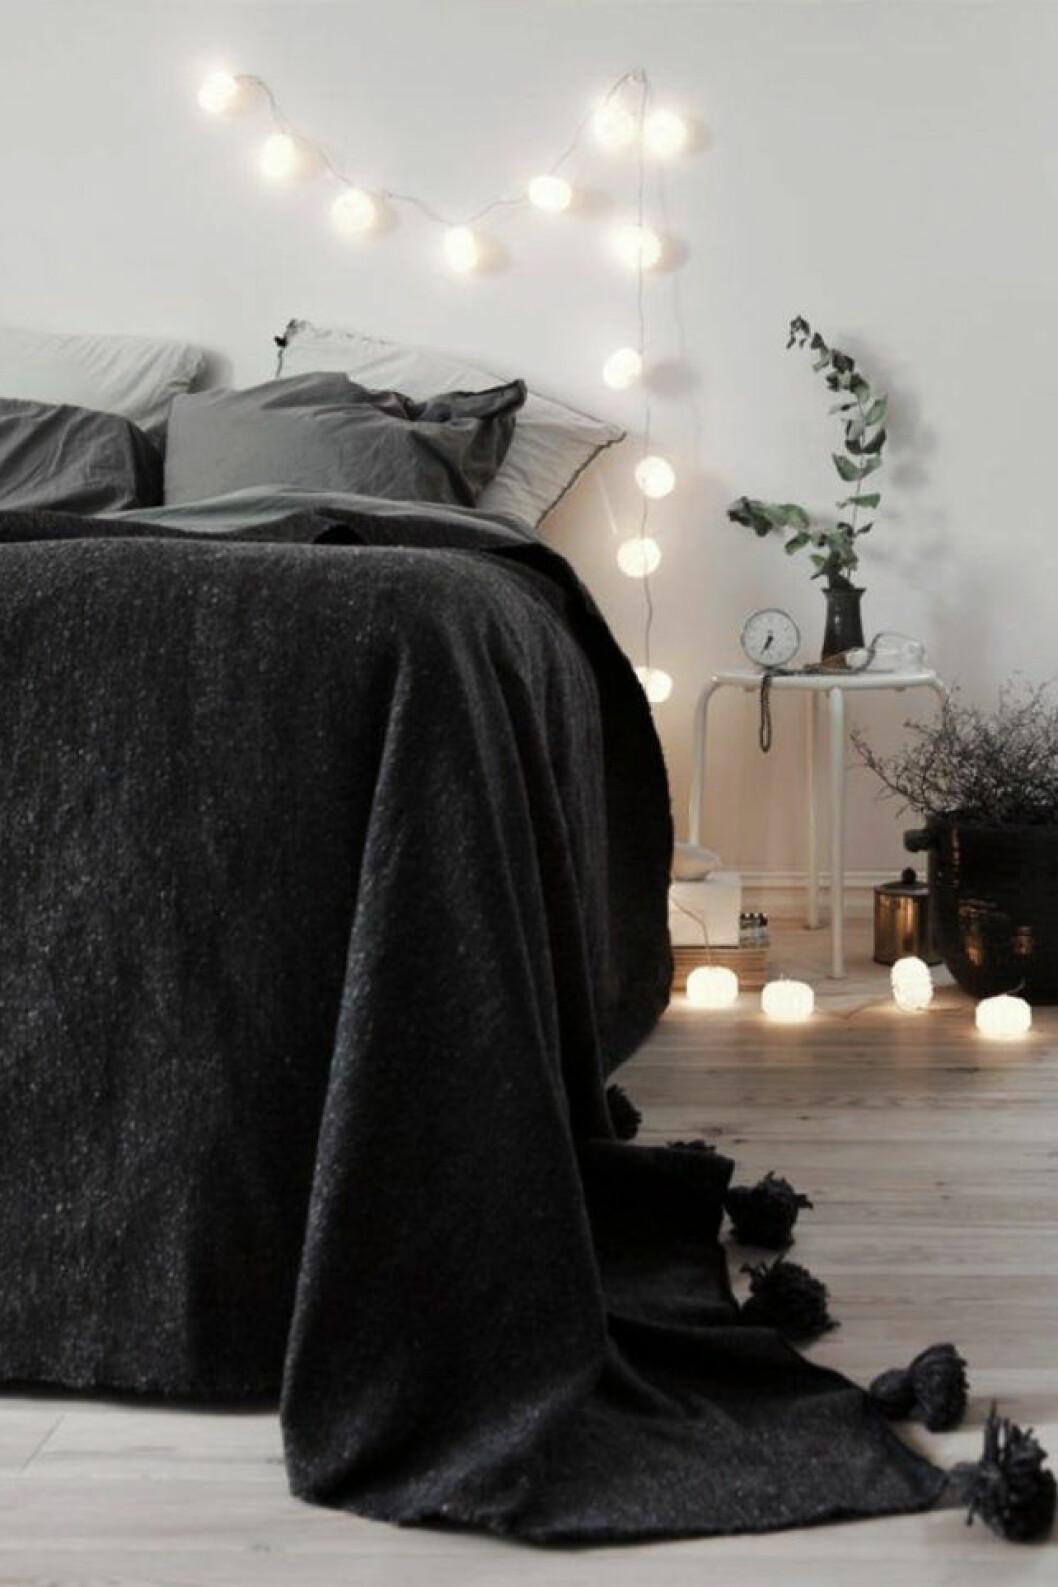 Helkaklat badrum i marmor och badrumskommod i mörkt trä